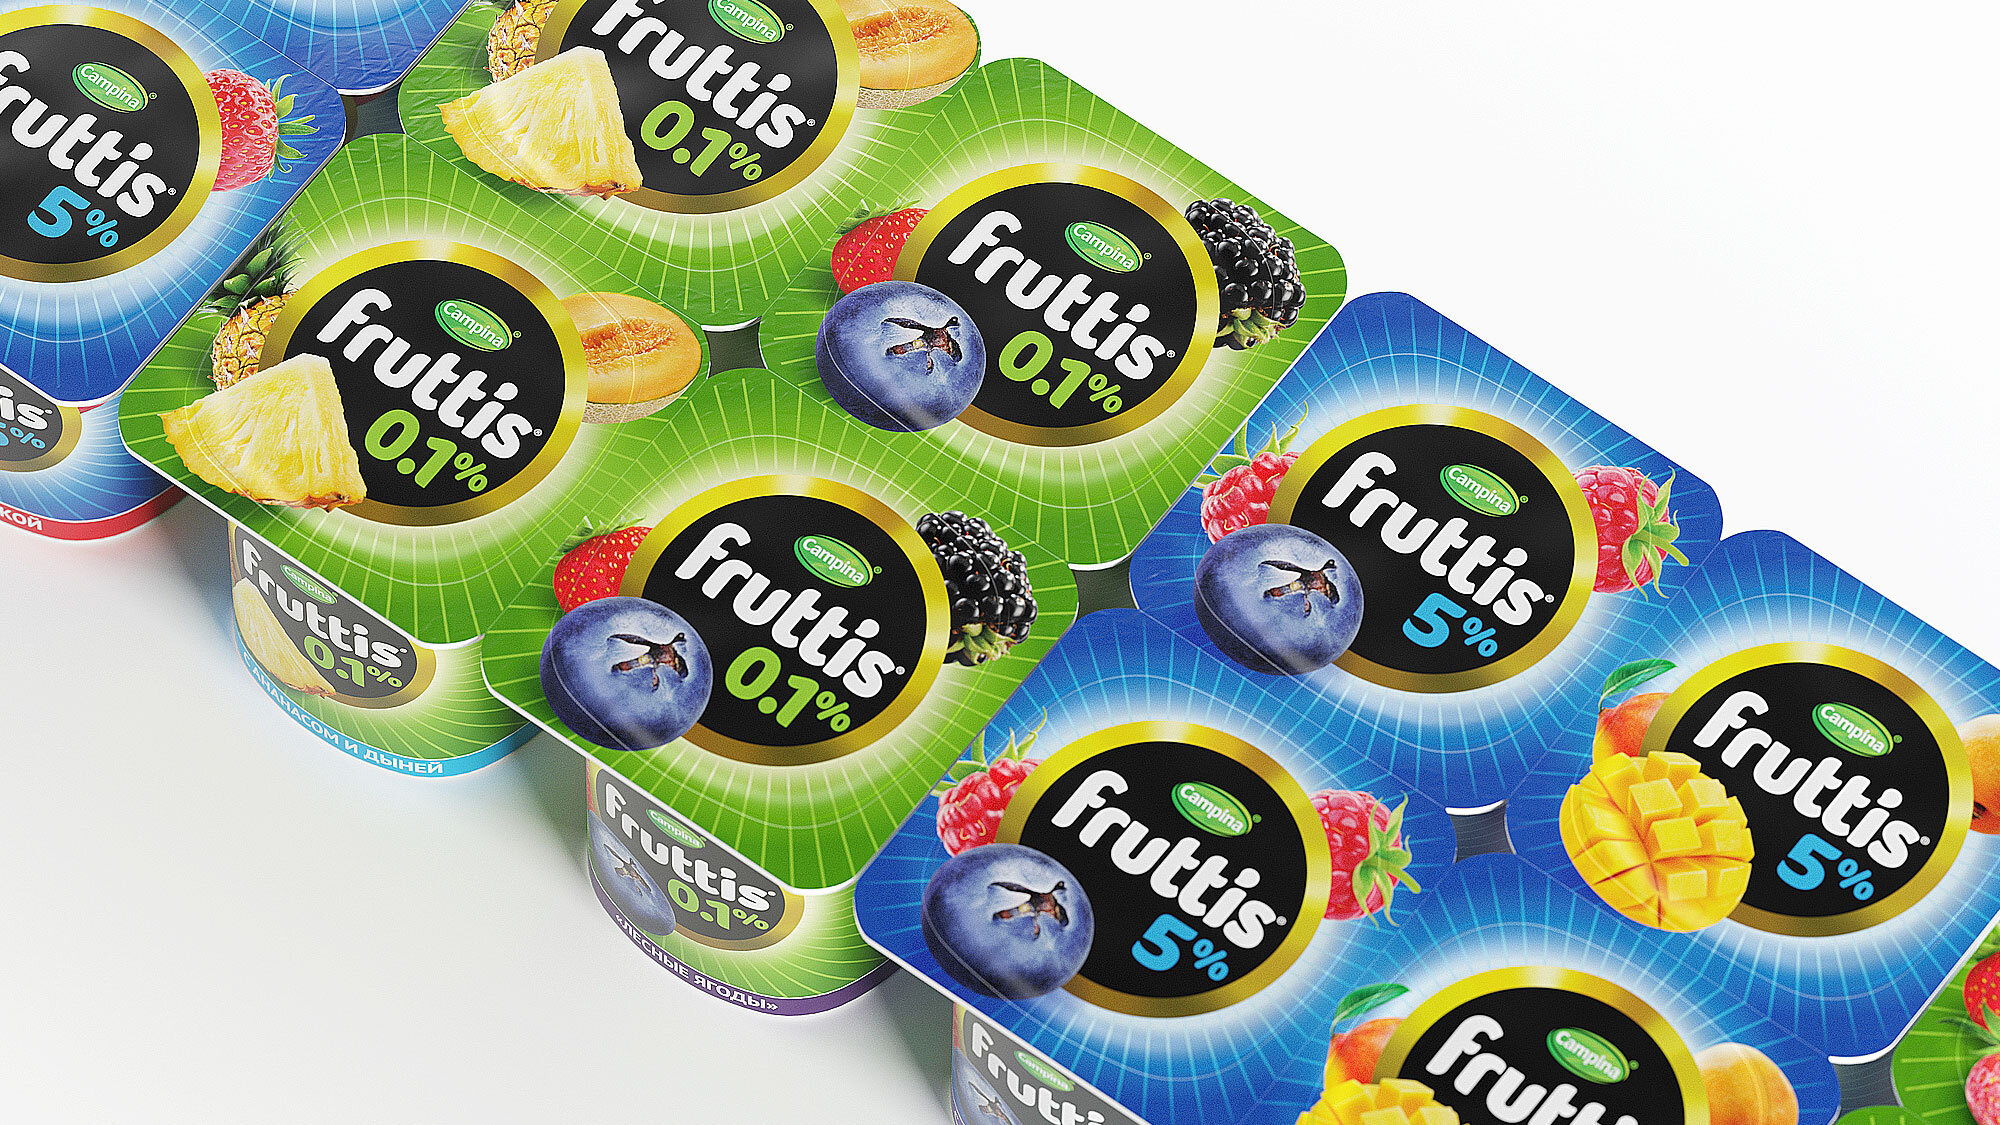 Обновление проводилось для моновкусов, йогуртов с разными фруктами и детской линейки, при этом в ходе редизайна мы усилили воспринимаемое единство бренда.